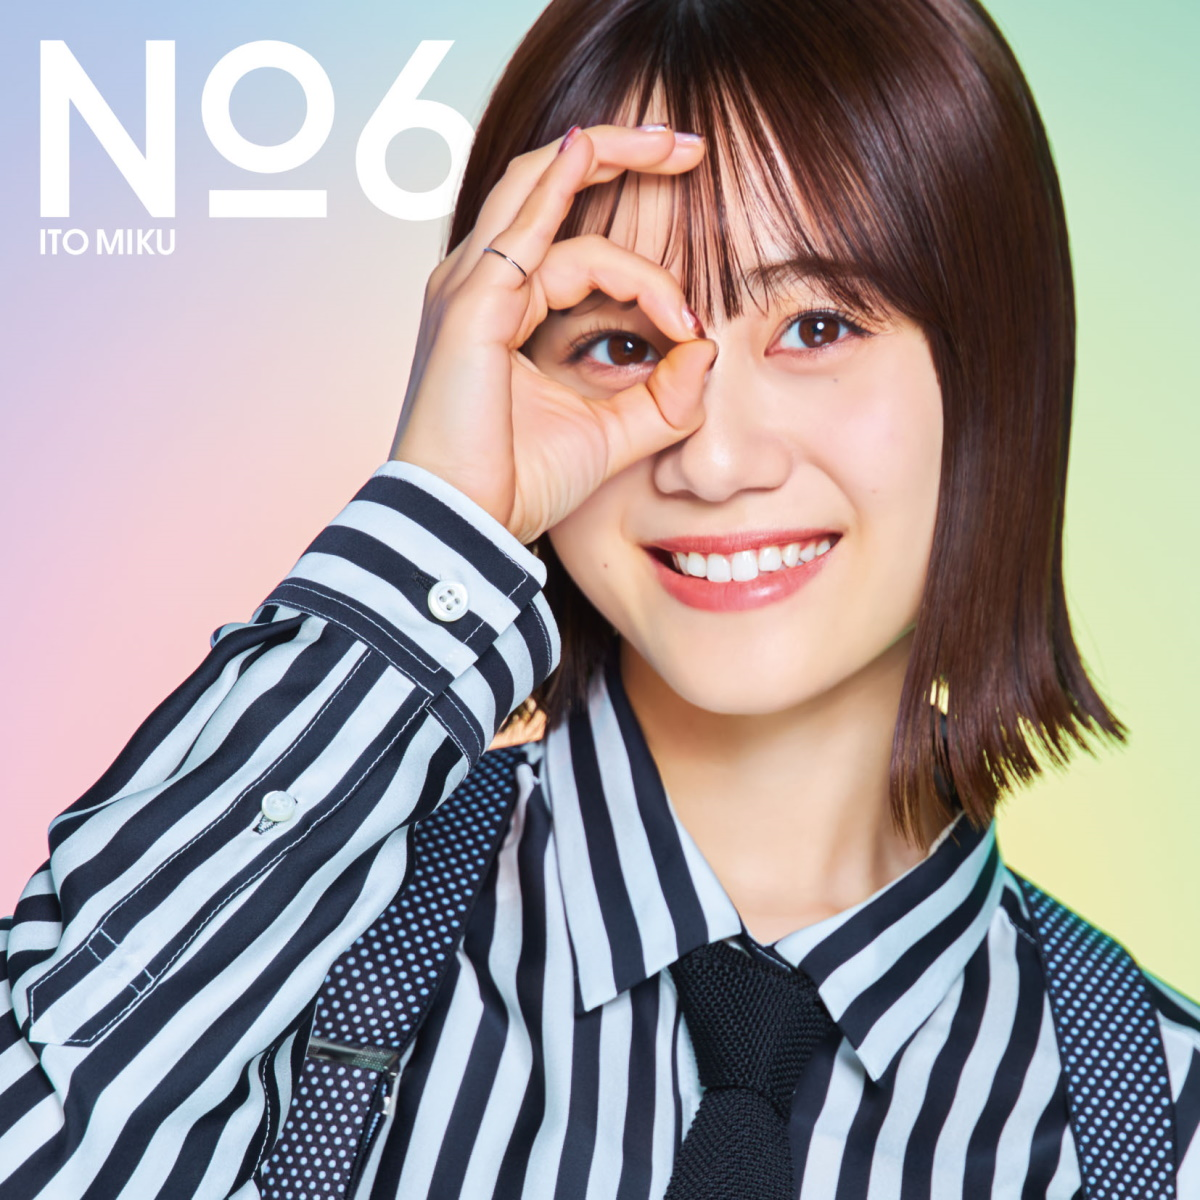 伊藤美来 - No.6